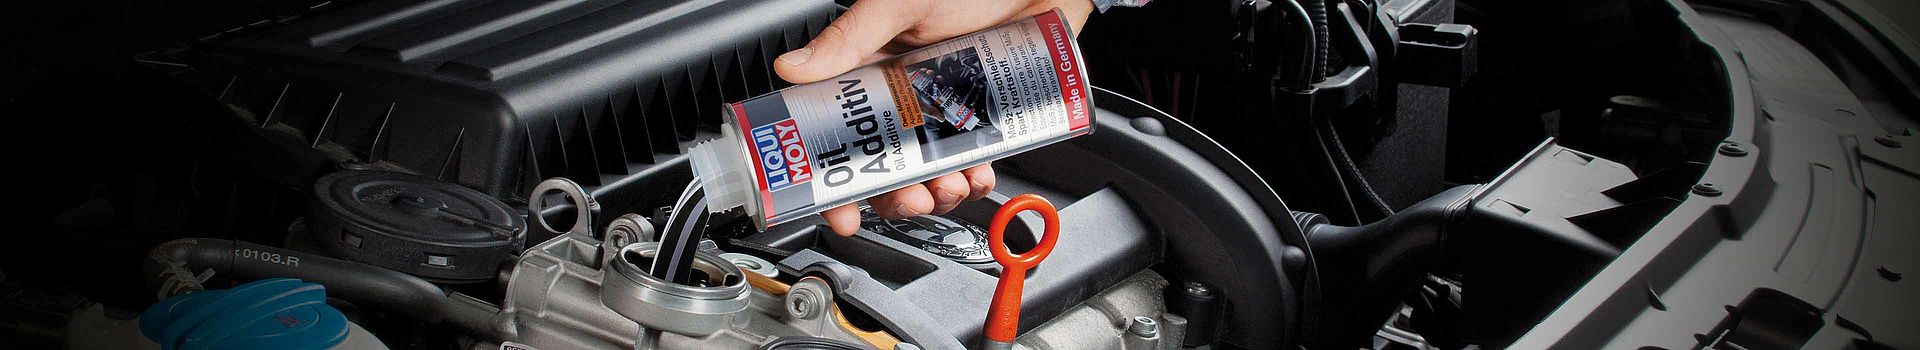 Einkippen des LIQUI MOLY Oil Additivs in den Motorölbehälter des Fahrzeuges.